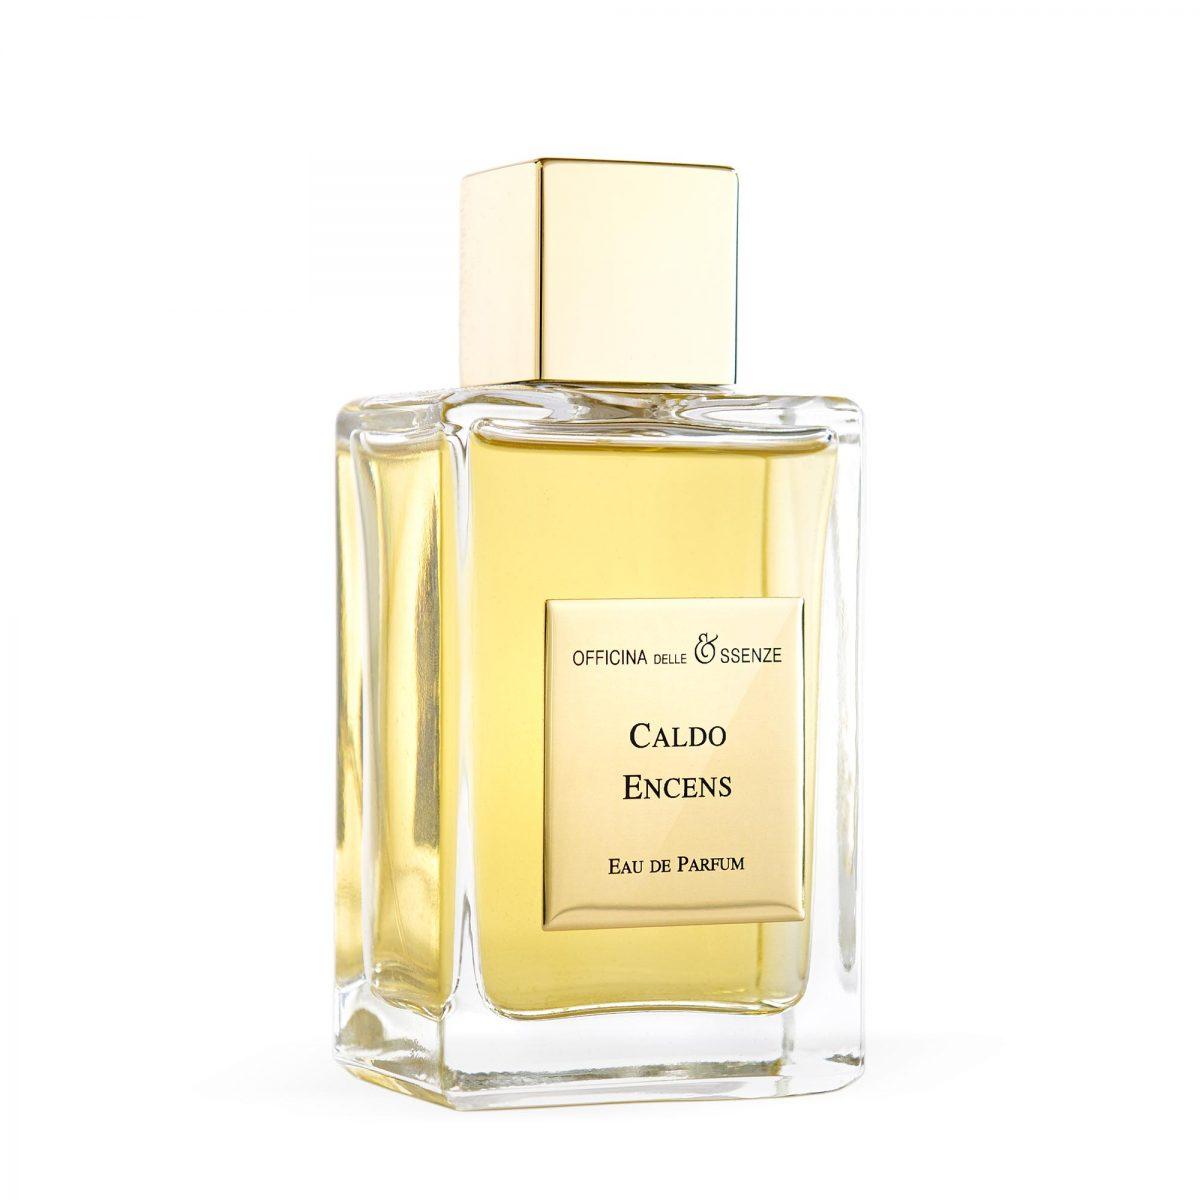 Caldo Encens Officina delle Essenze niche perfume